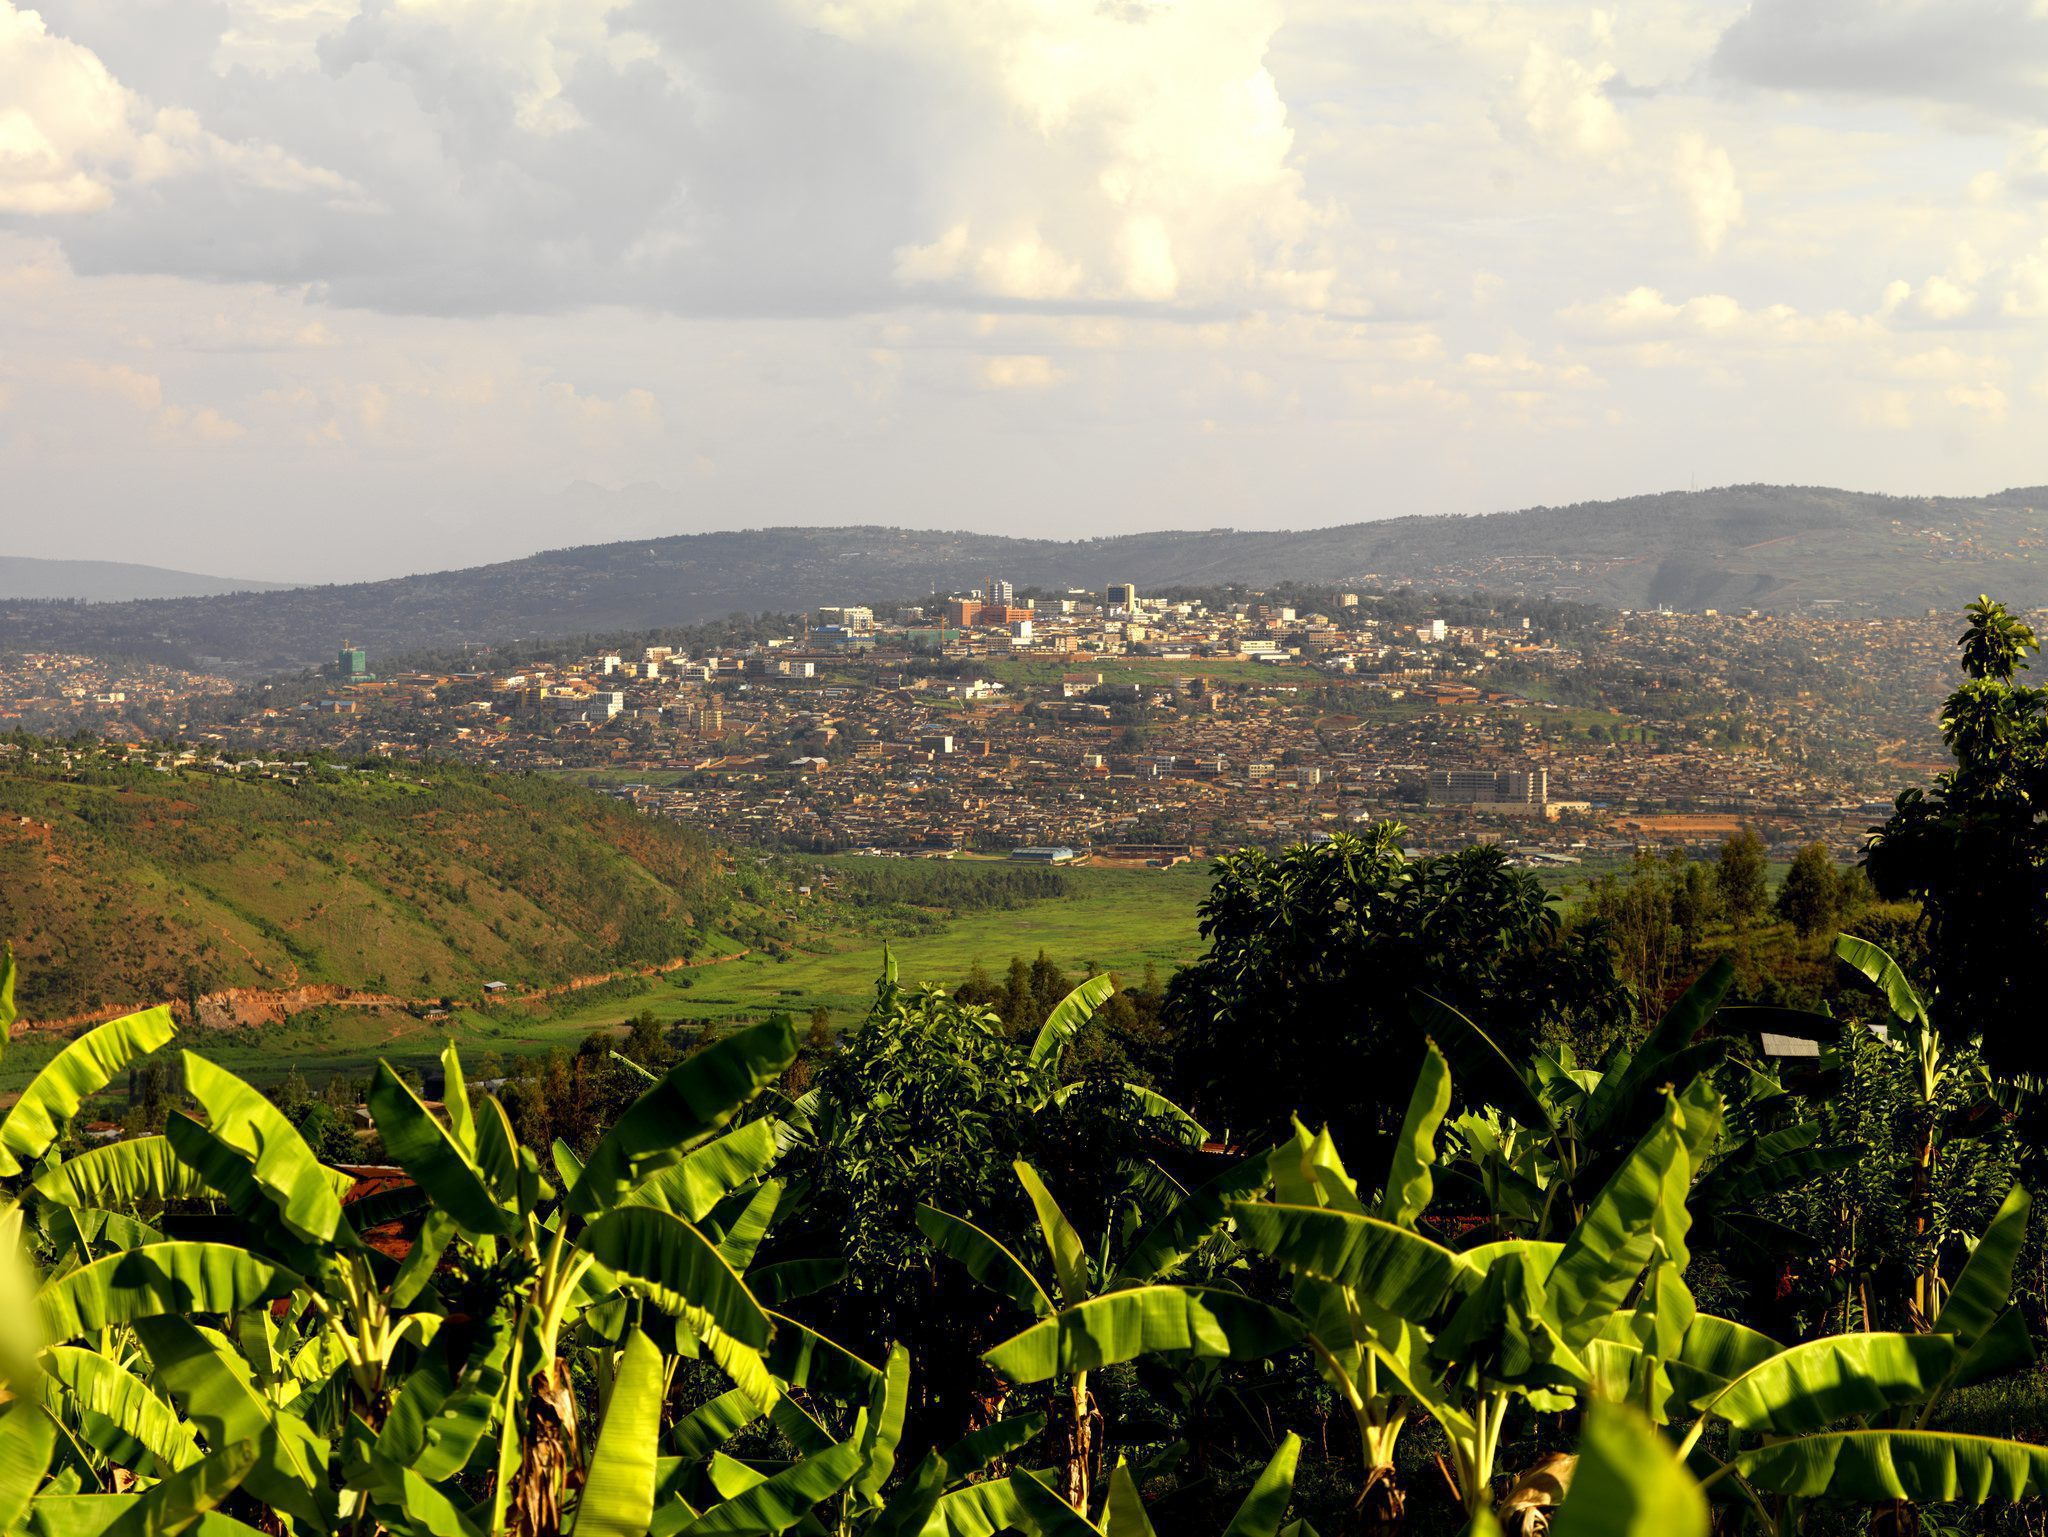 view looking at Kigali